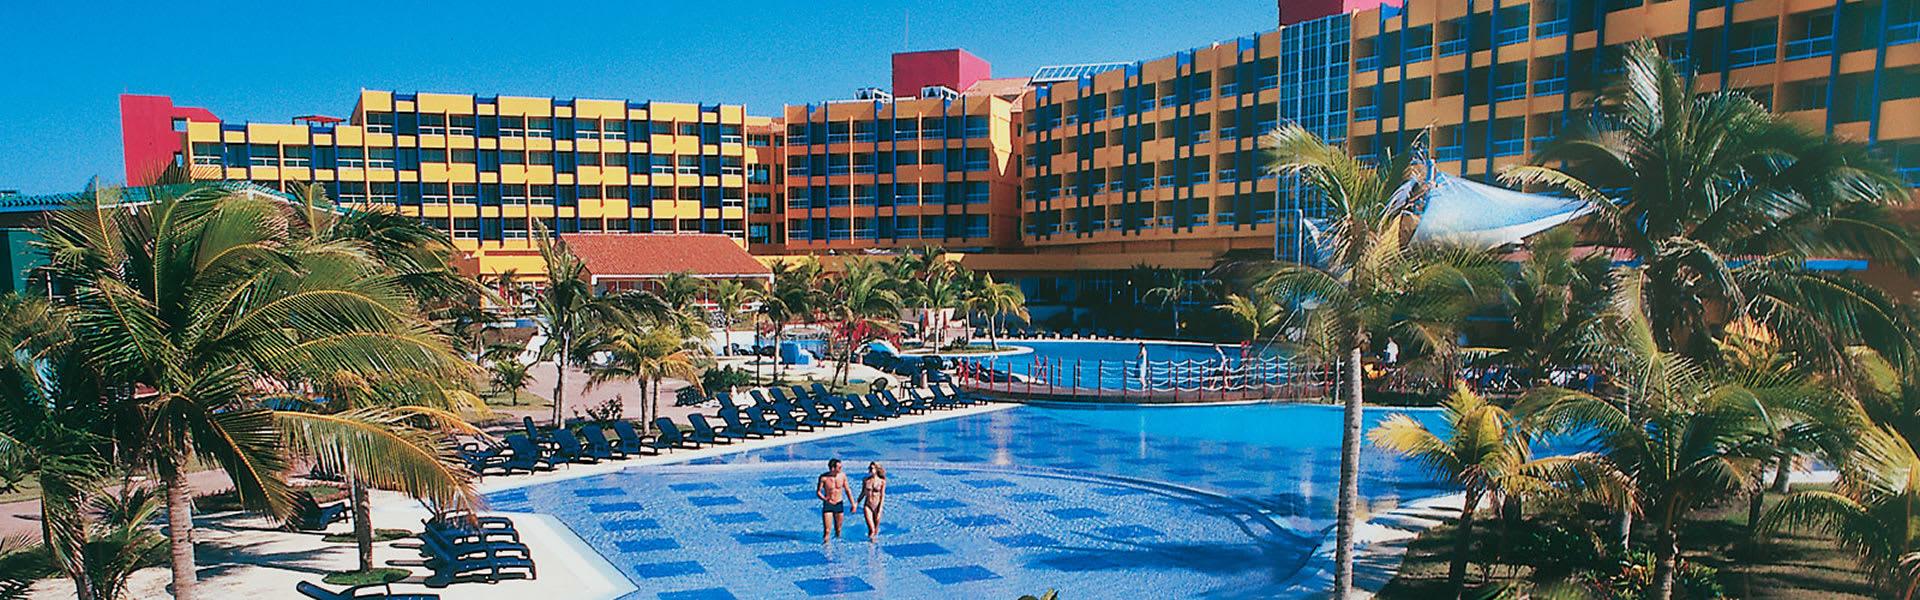 Hotel Barcelo Sol Y Mar Varadero Cuba Hotel All